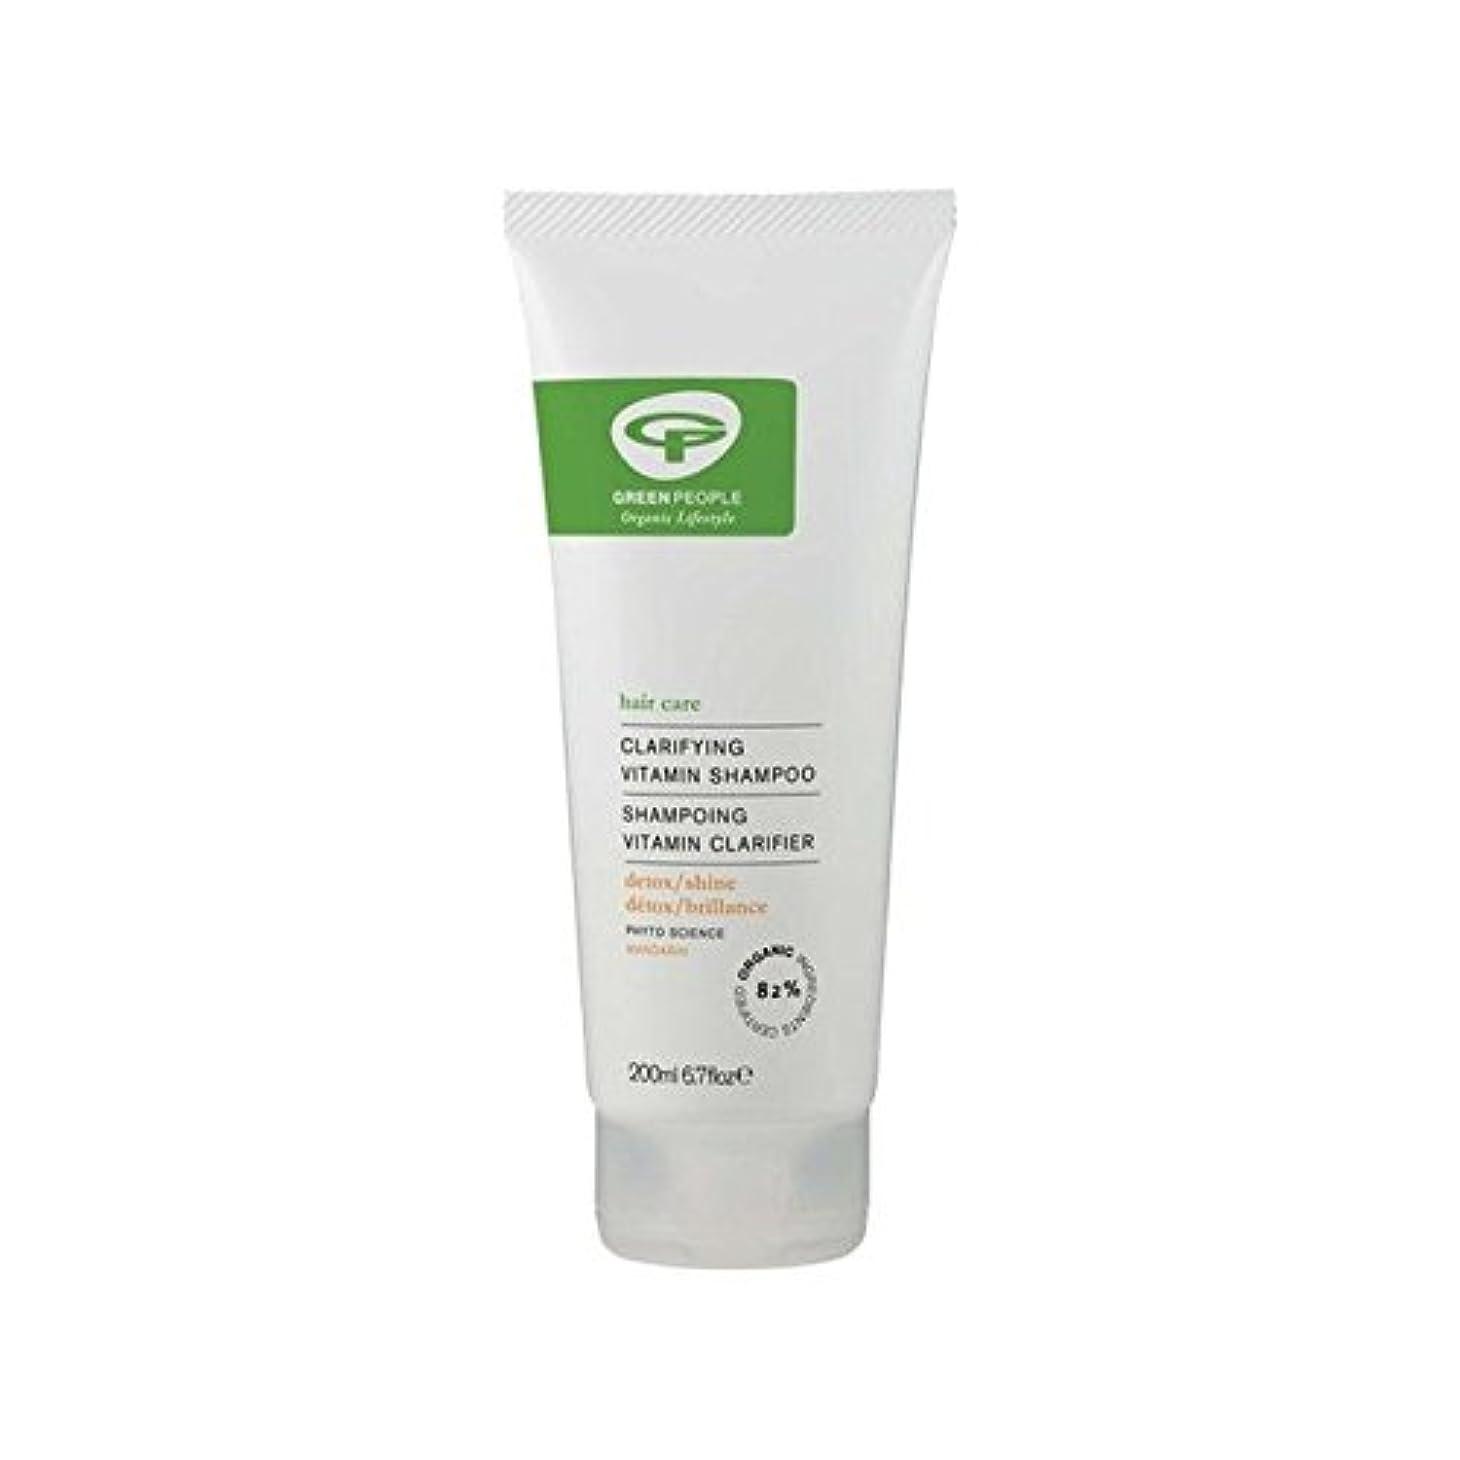 代表何十人も時間厳守緑の人々のビタミンシャンプー(200ミリリットル) x4 - Green People Vitamin Shampoo (200ml) (Pack of 4) [並行輸入品]